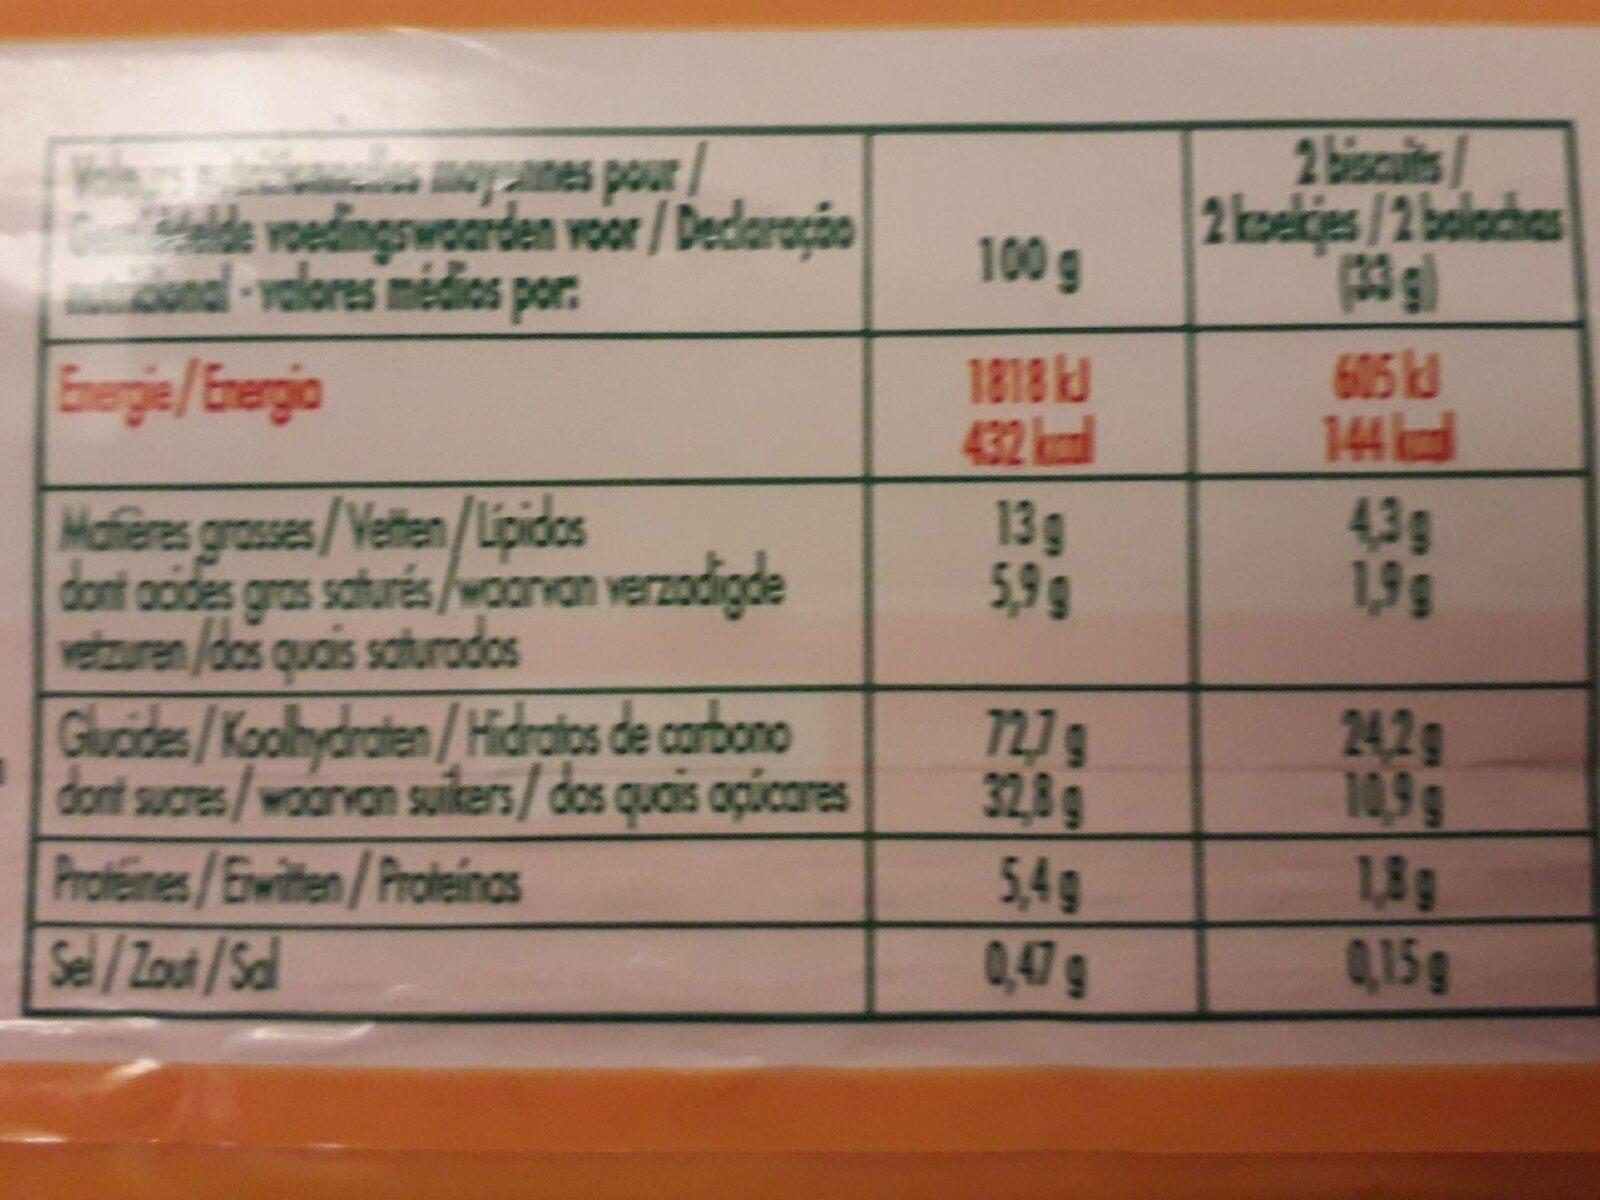 Tartelettes à l'abricot - Informations nutritionnelles - fr